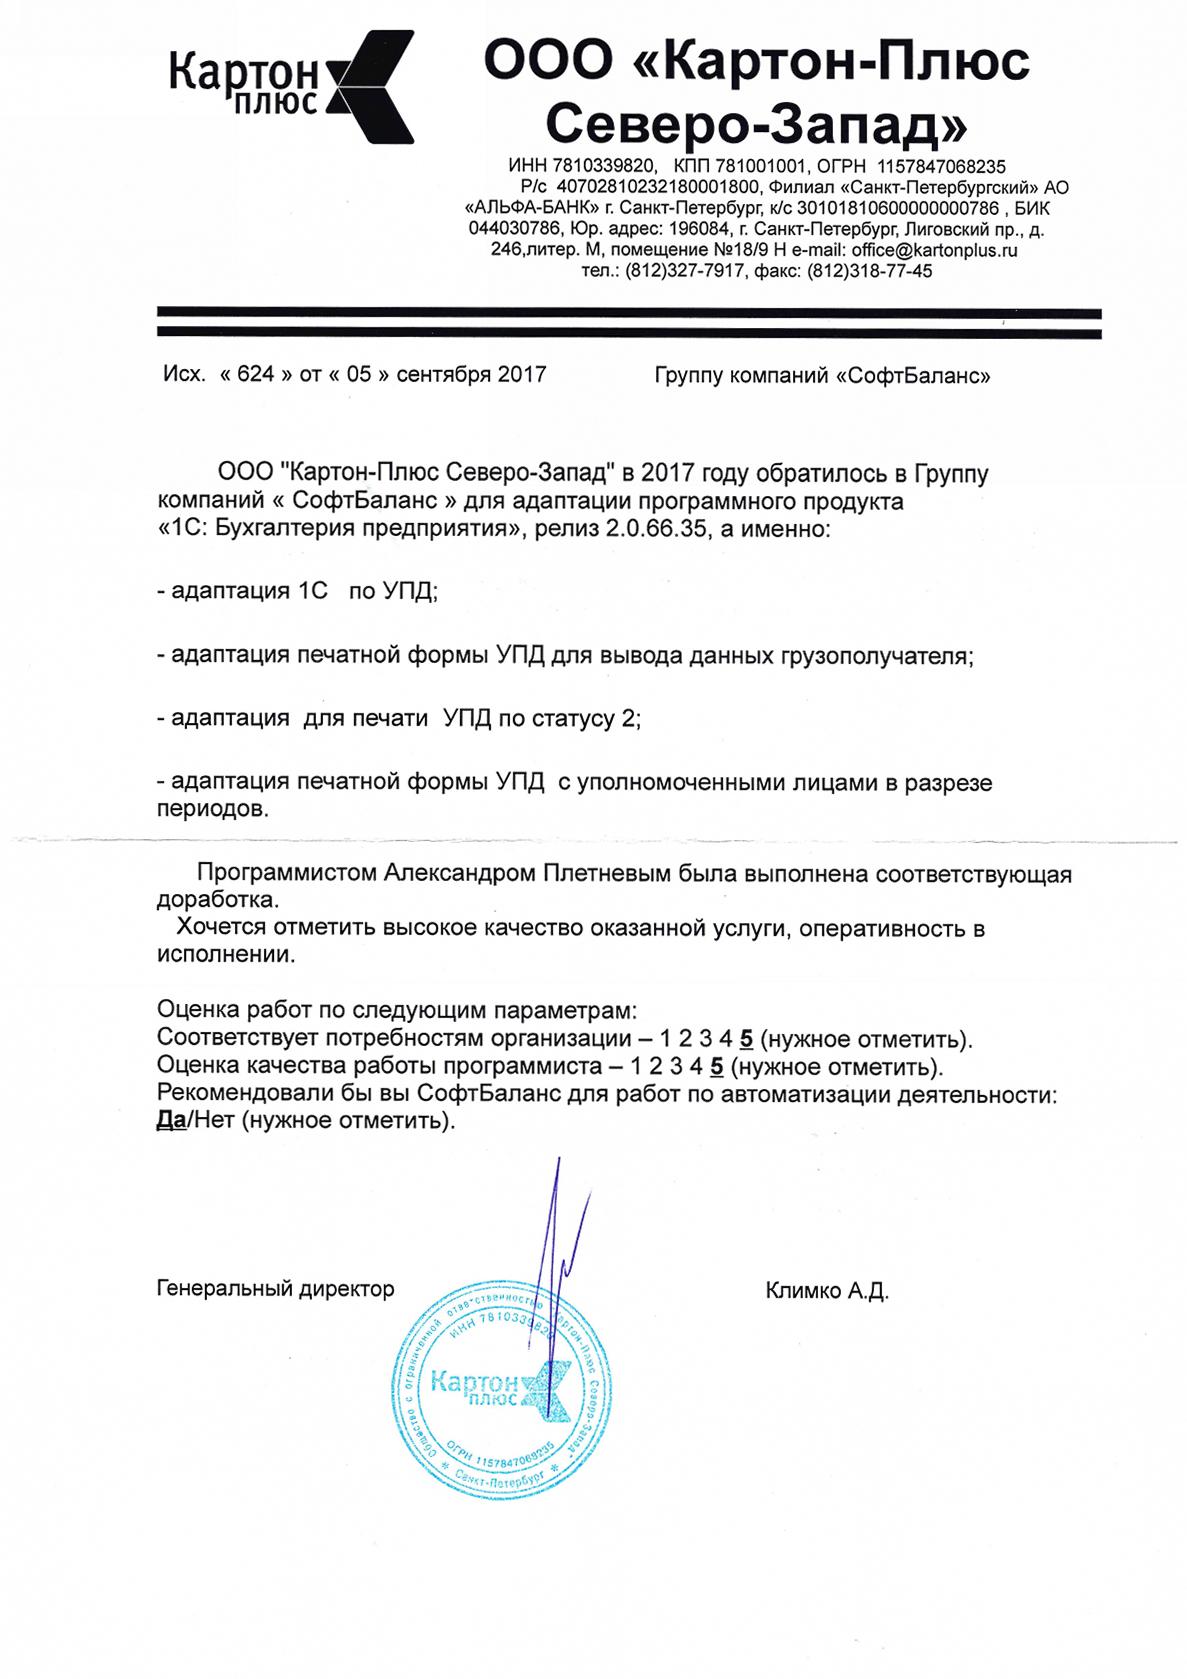 Обслуживание программы 1с в санкт-петербурге не работает печать после обновления 1с